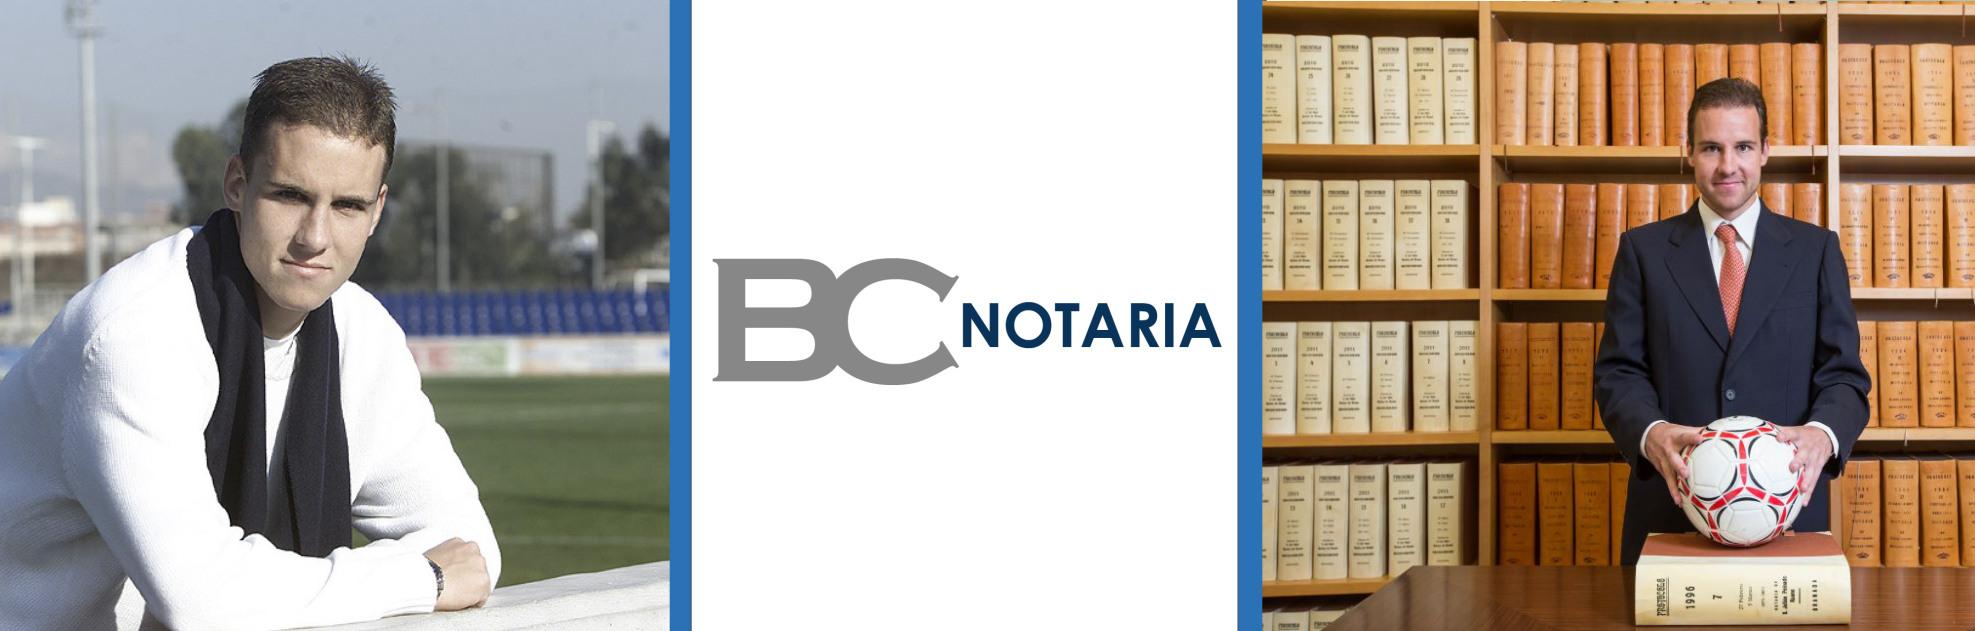 Notaria Borja Criado Malagarriga